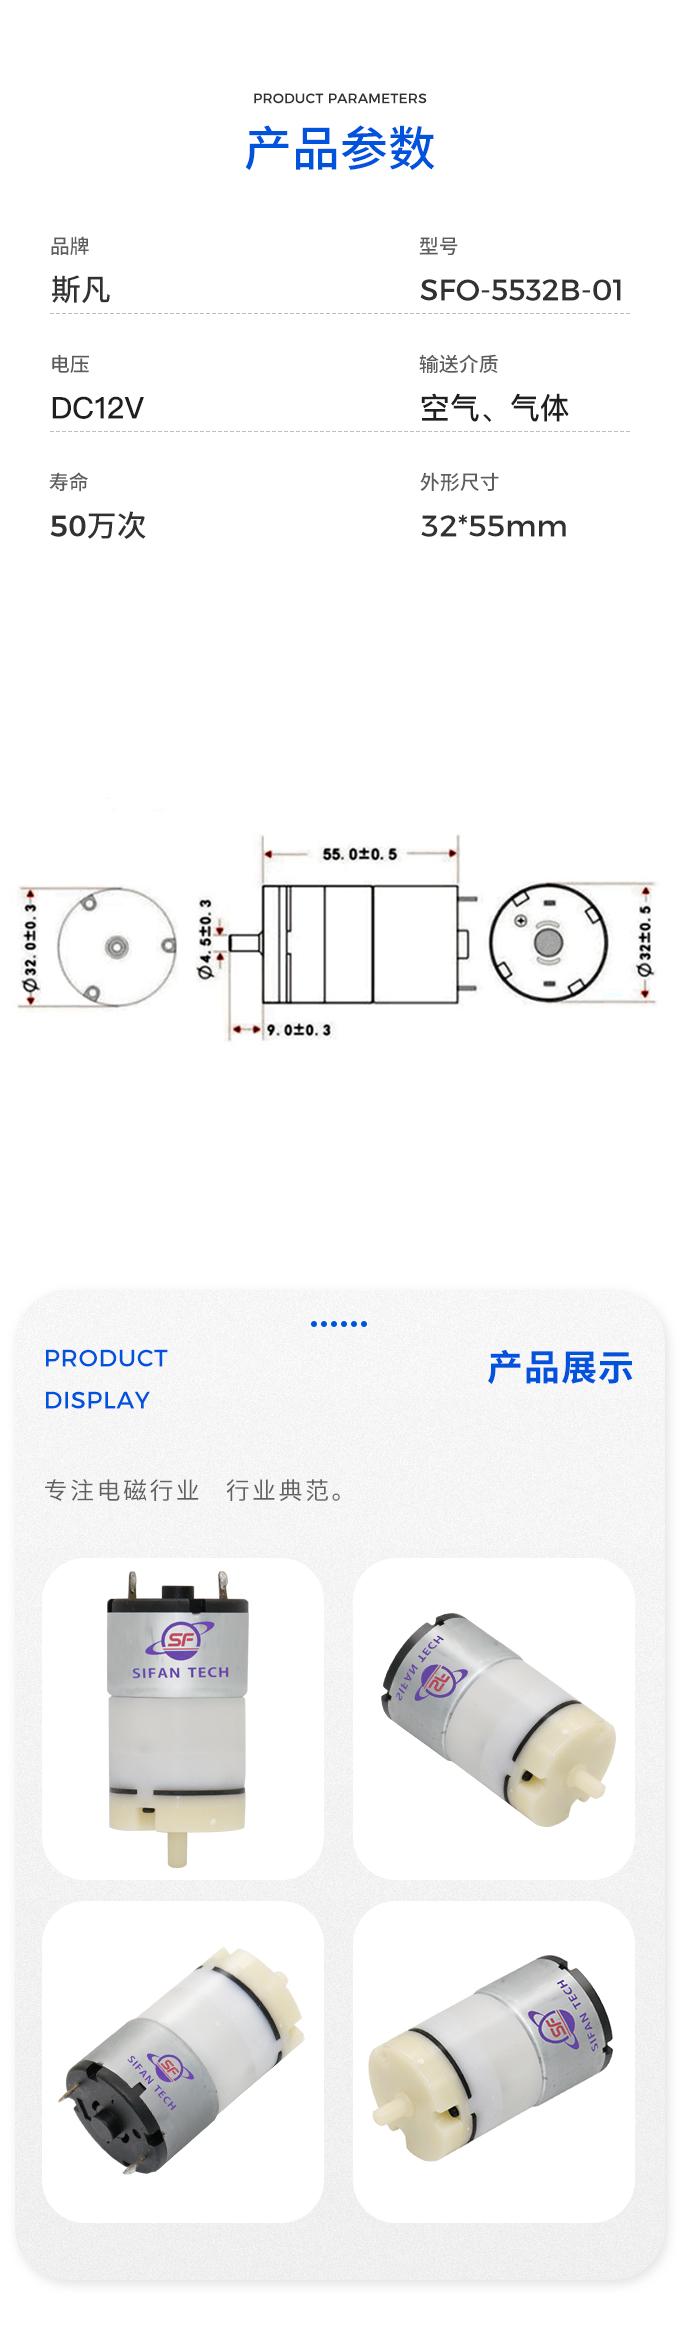 SFO-5532B-01.jpg